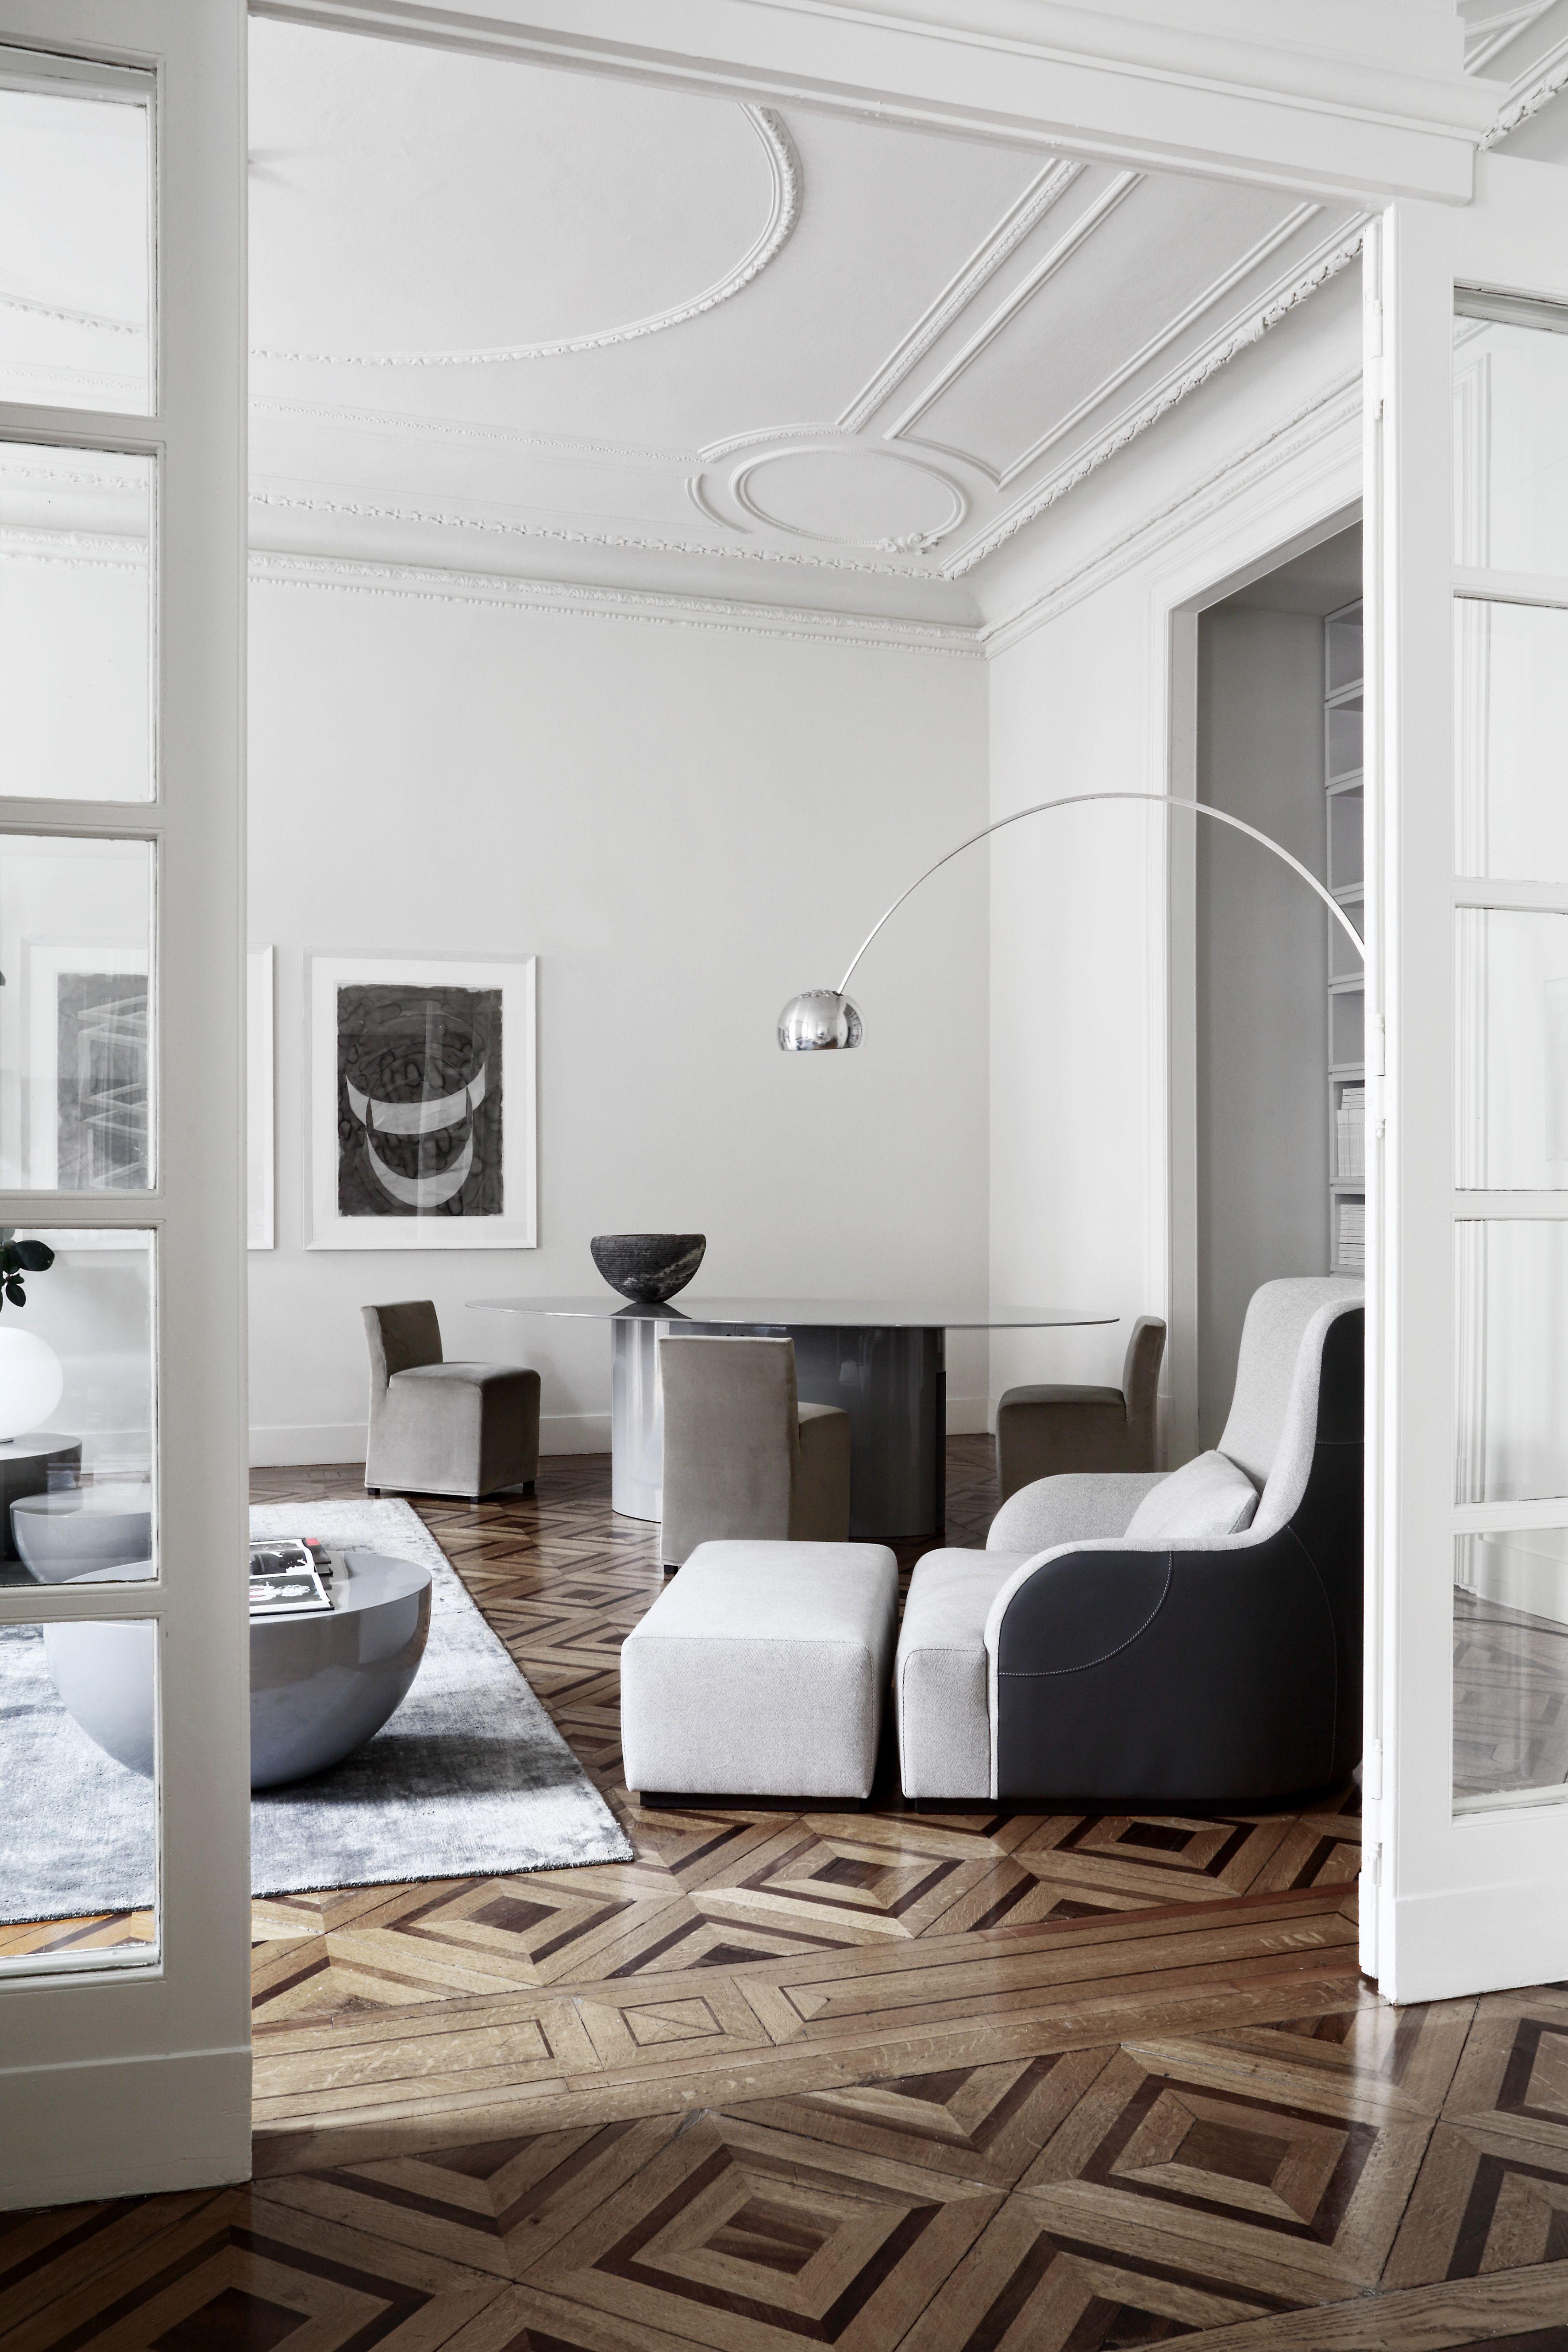 Design Contemporain Mit Bildern Haus Interieurs Wohnen